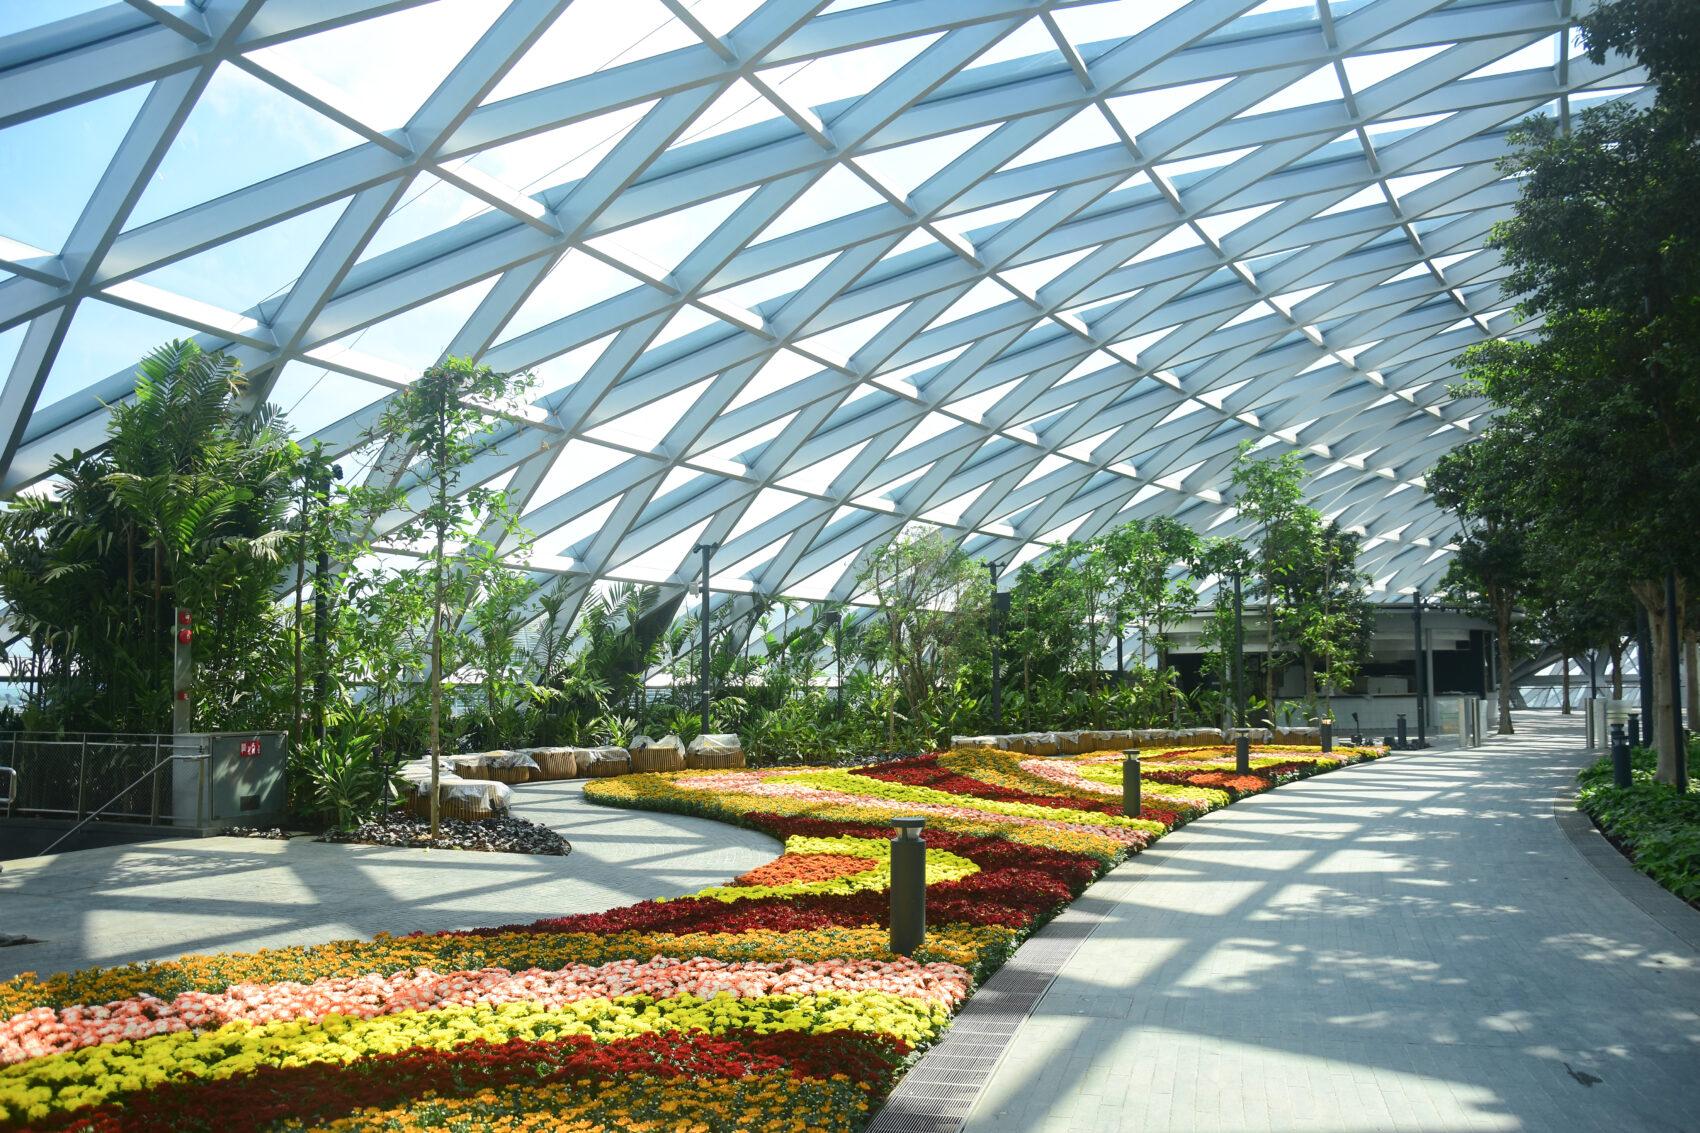 Petal Garden at the Canopy Park, Singapore Changi Jewel Terminal